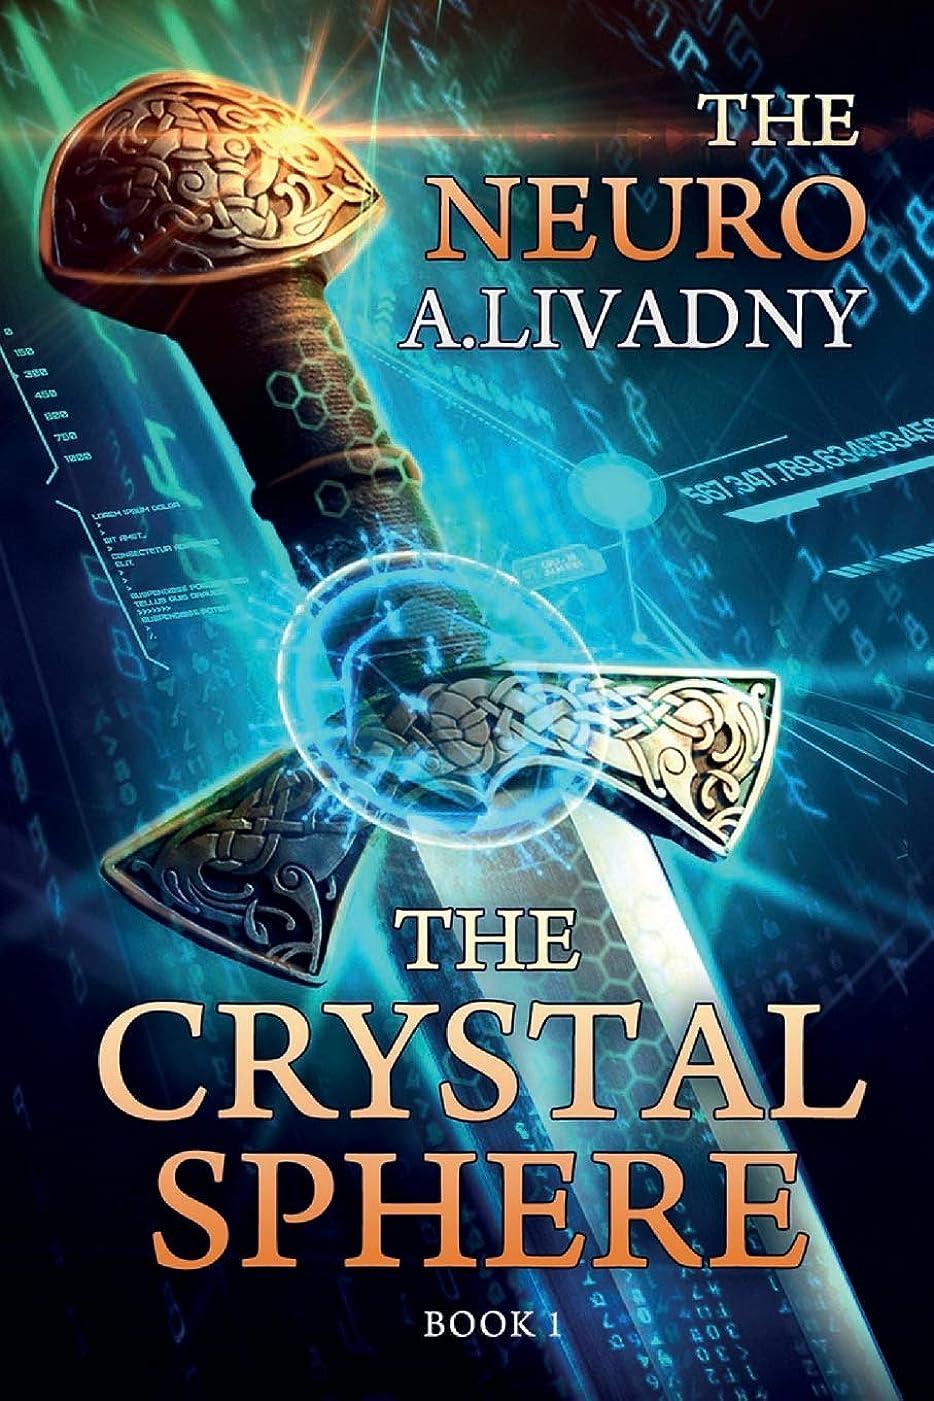 パラダイス熱心な区別するThe Crystal Sphere (The Neuro Book #1): LitRPG Series